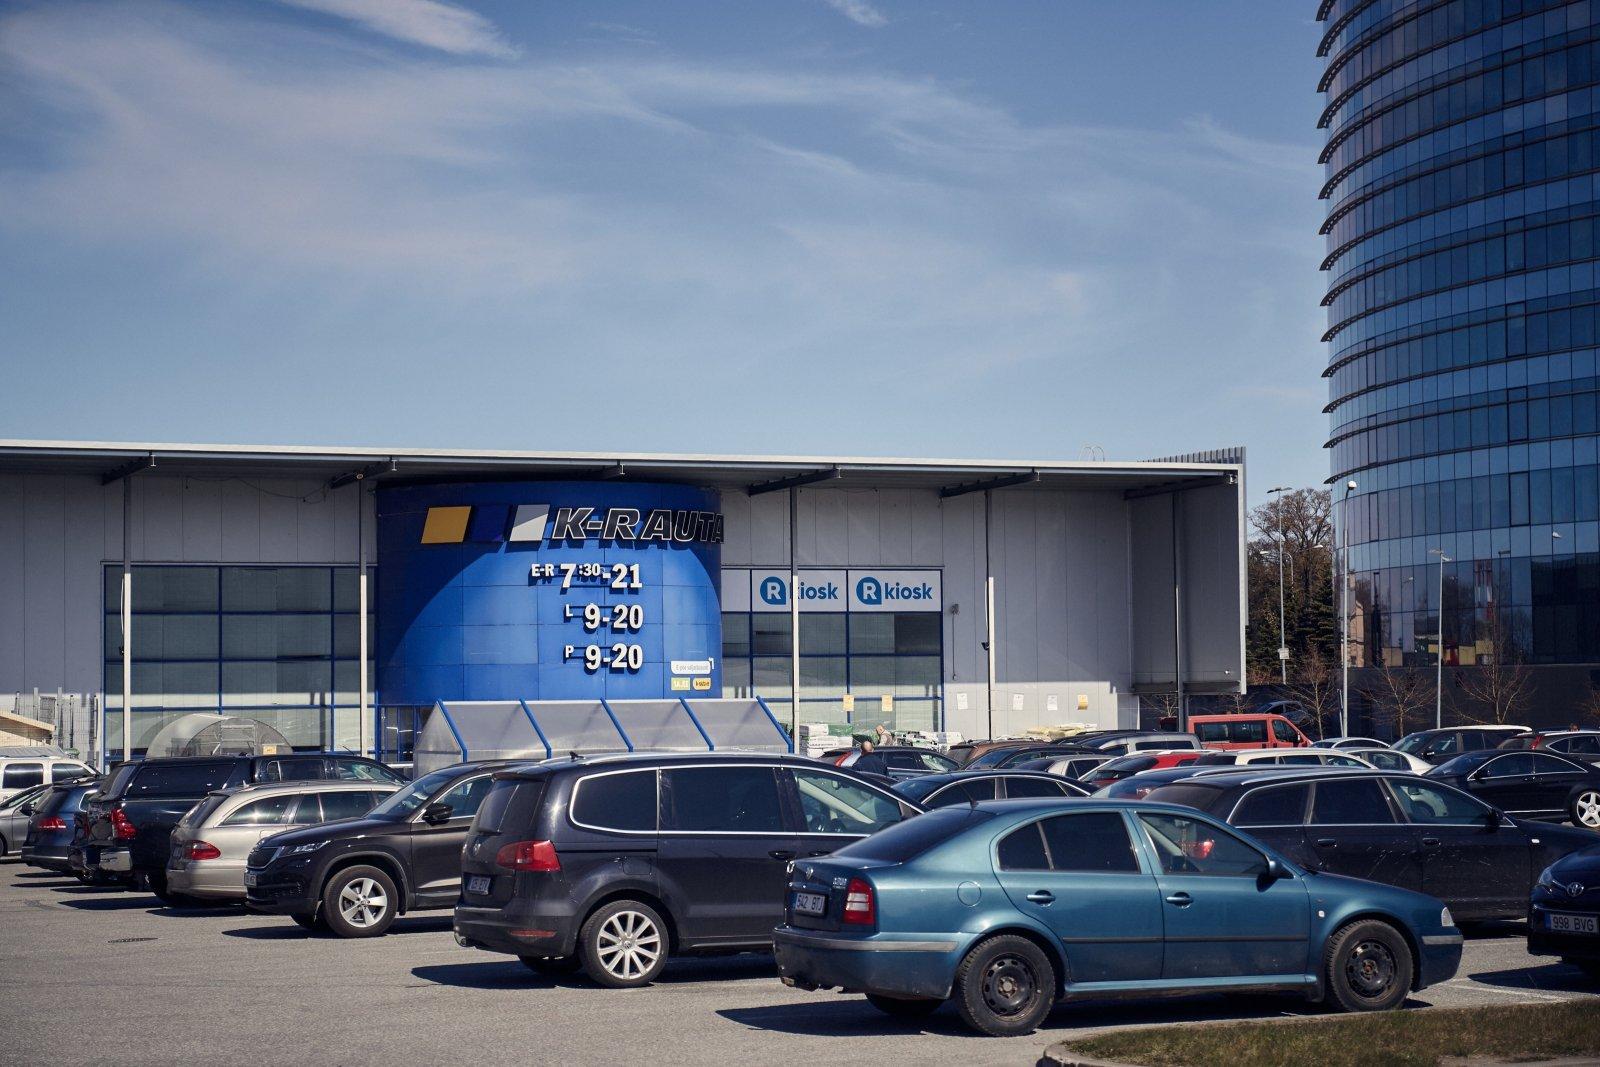 K-rauta pakub üle Eesti oma kauplustes klientidele võimalust teha tellimus koos kaupade komplekteerimisega spetsiaalses internetikeskkonnas ning minna oma ostud